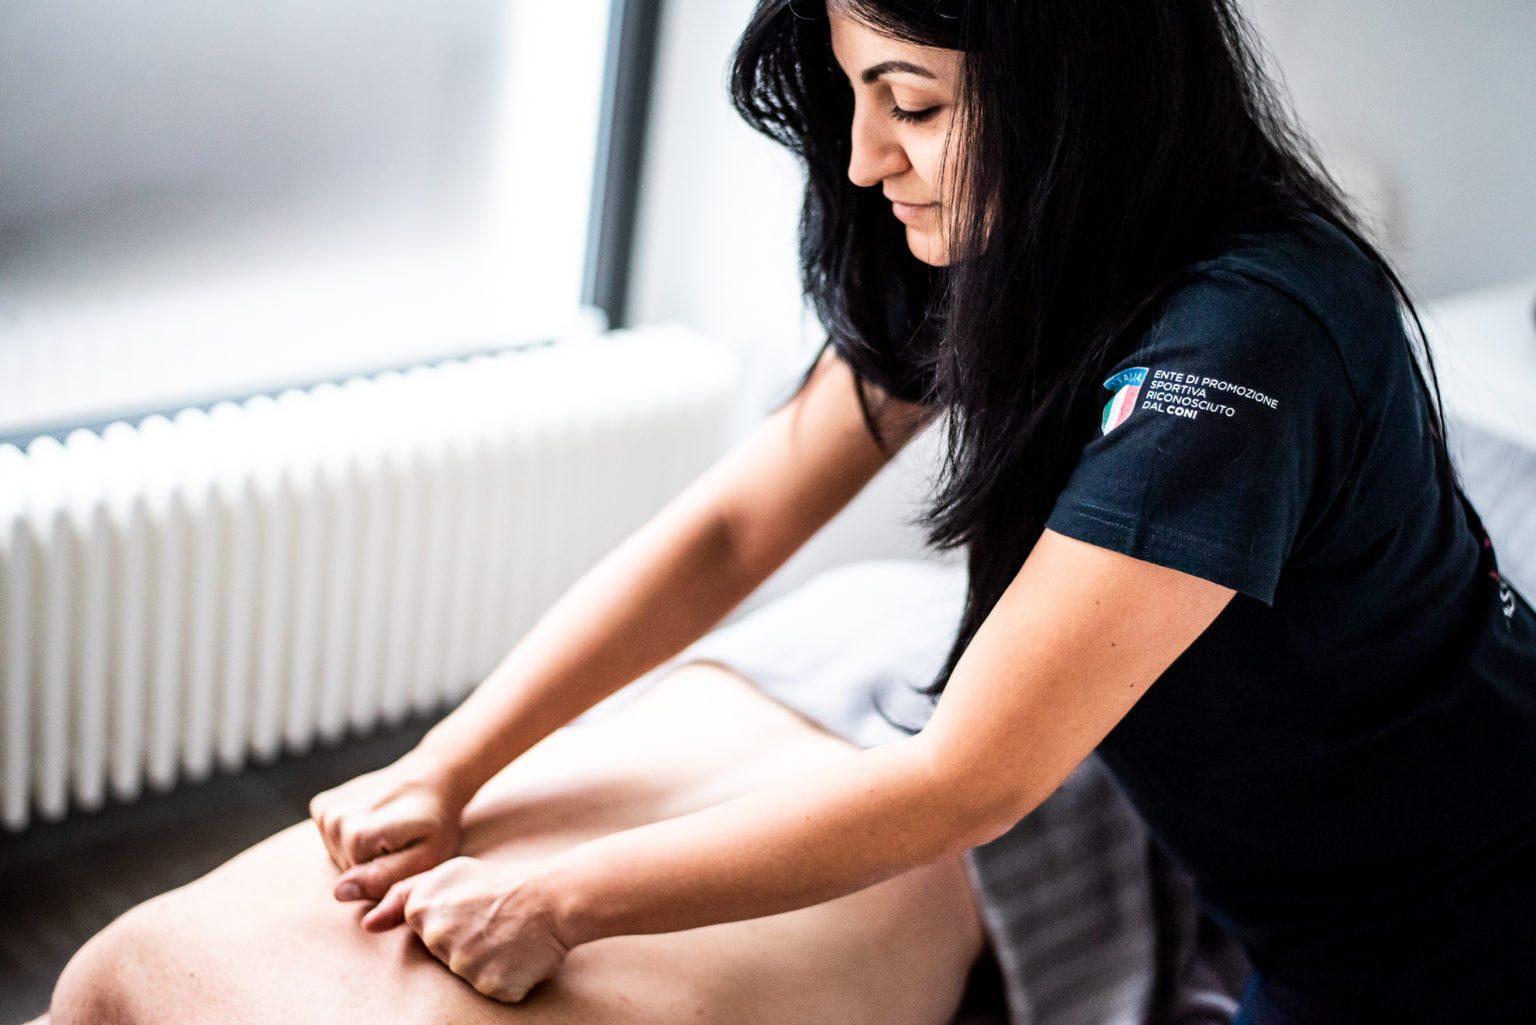 Il Massaggio Endodermico anticellulite agisce contro la cellulite, le adiposità localizzate, gli edemi localizzati, il rilassamento corporeo.